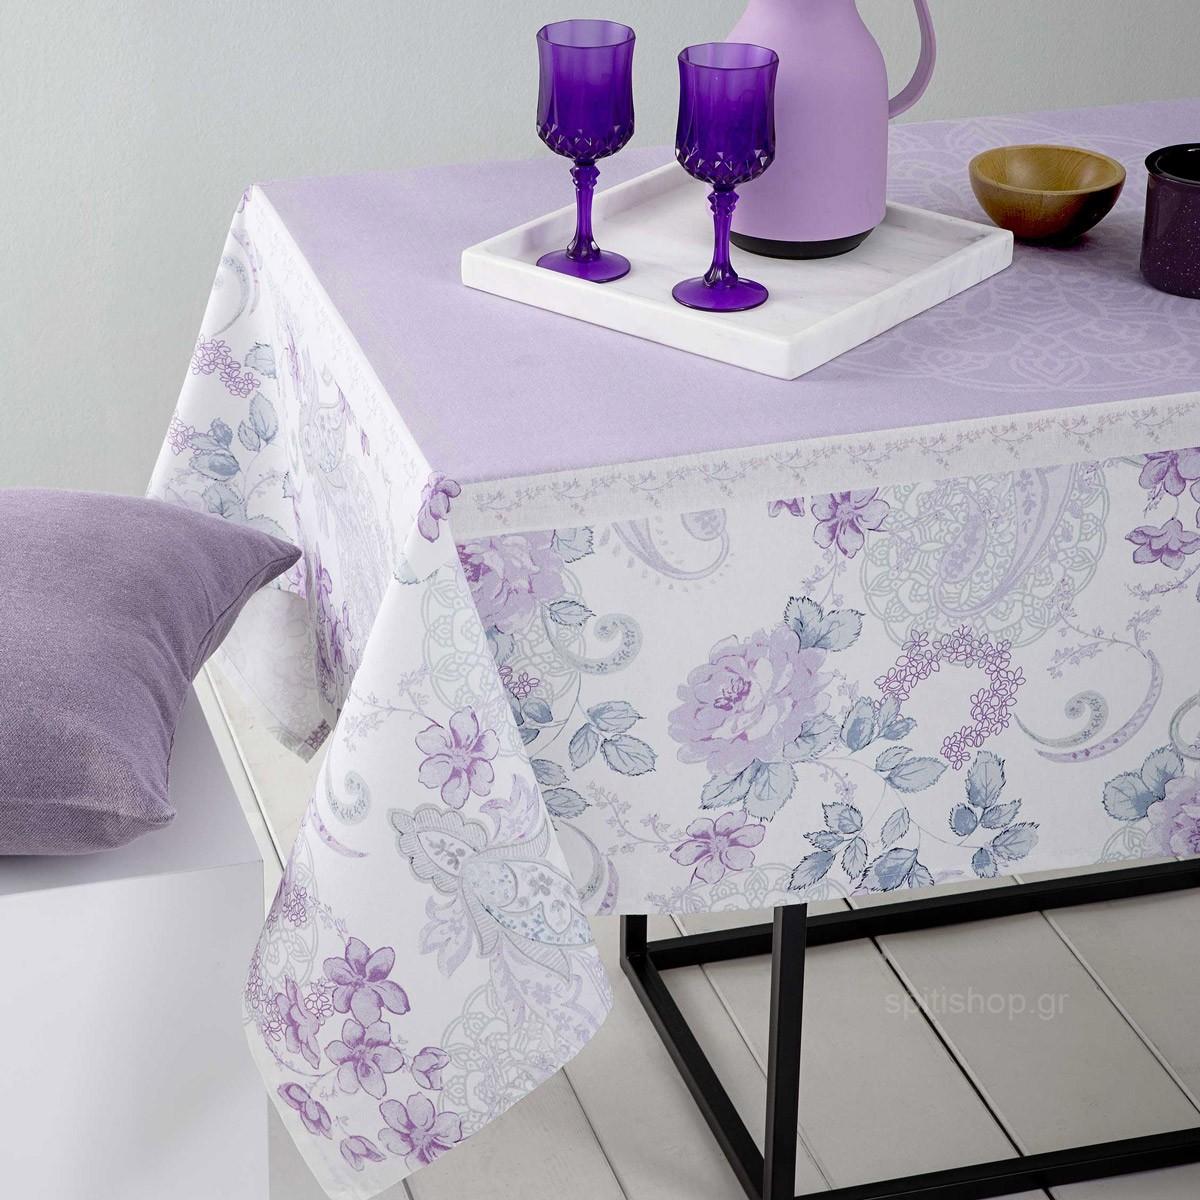 Τραπεζομάντηλο (140×190) Nima Table Linen Madessa